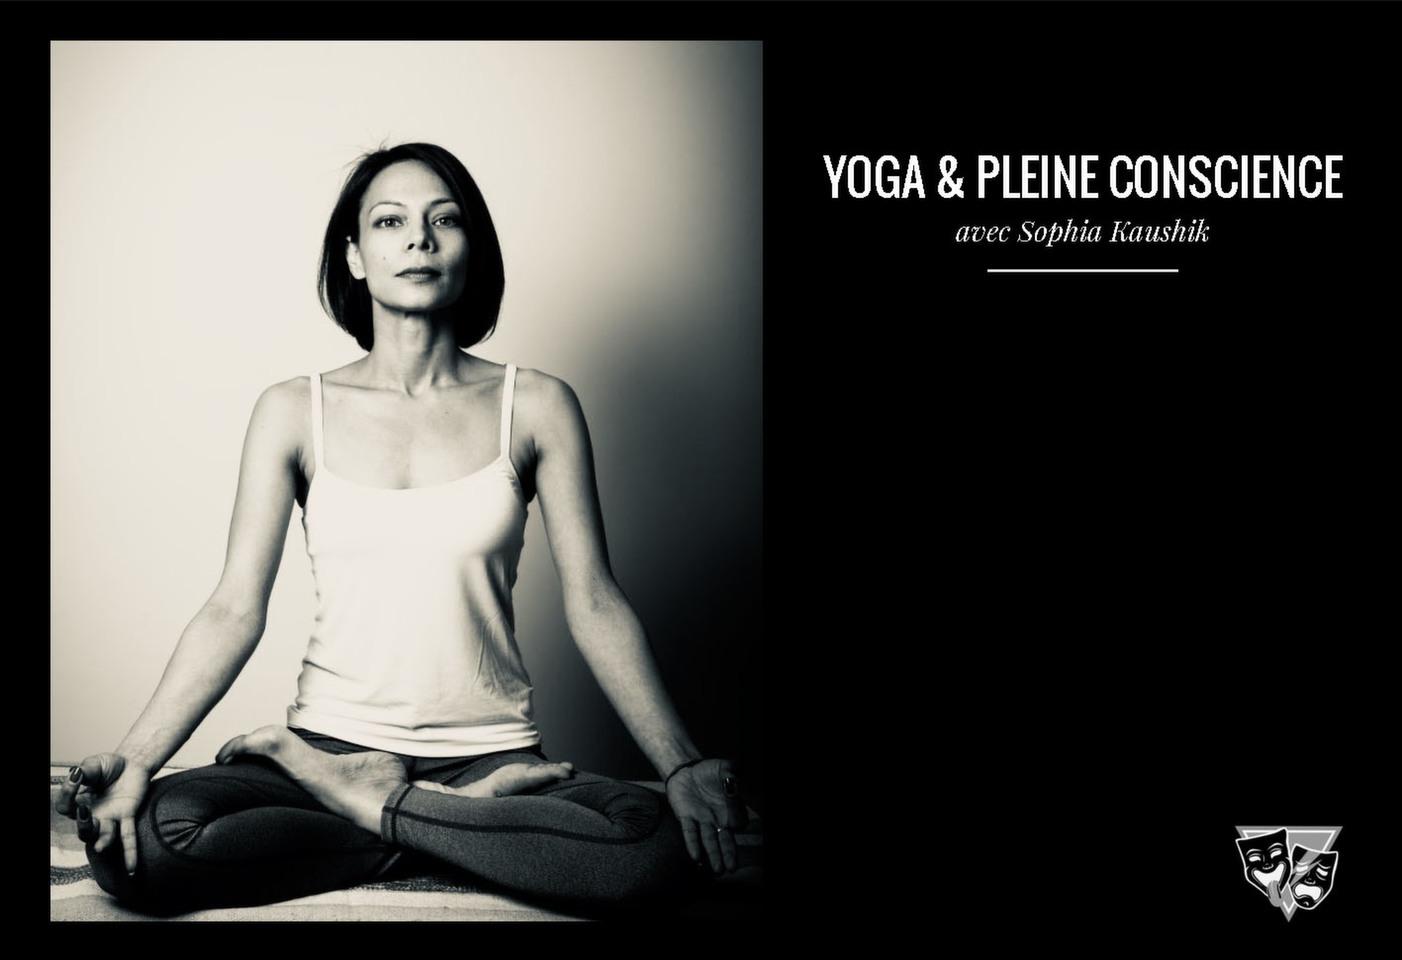 Yoga et Pleine Conscience<br />avec Sophia Kaushik<br /><br />Cours hebdomadaire, chaque mardi de 18h à 20h.<br />Method Acting Center, 93 avenue d'Italie Paris 13e<br /><br />Pour devenir acteur, il est indispensable de se former. Mais pour aller encore plus loin, la pratique de la pleine conscience vous permettra de renforcer tout votre potentiel de concentration. L'acting et la concentration étant intimement liés, ils vont se compléter l'un l'autre pour affiner vos compétences et ainsi déployer votre force intérieure. Le yoga n'est pas simplement une discipline physique, car elle permet au corps, au mental et à l'esprit de fonctionner ensemble.<br /><br />OBJECTIFS de Yoga et Pleine Conscience<br />* Apprendre les postures classiques du yoga «Asanas» ** Comprendre le sens et la philosophie du yoga** Pratiquer la méditation et la pleine conscience, préparation au «Pranayama» *<br /><br />OBJECTIFS «SECONDAIRES »<br />* Accroître la souplesse et la force par le biais d'exercices physiquement stimulants** Apprendre à détendre les muscles et gérer le stress** Écouter sa voix intérieure sans jugement, être en paix avec soi-même ** Ouvrir l'esprit à la créativité et l'imagination ** Être capable de bonté et de compassion, avec les autres et avec soi-même ** Pouvoir interagir avec les autres au sein du même espace, tout en restant centré sur le Soi et la tâche à accomplir *<br /><br />INFO & RÉSERVATION<br />- 85€ par mois pour 1 engagement au trimestre, 75€ par mois pour 1 engagement sur 10 mois + 80€ de frais d'inscription<br />- Cours d'essai gratuit sur demande, chaque mardi 18h-20h ou pendant nos Portes Ouvertes:https://www.methodacting.fr/portes-ouvertes-avril/<br /><br />CONTACT<br />06 07 41 41 25<br />contact@methodacting.fr<br />www.methodacting.fr